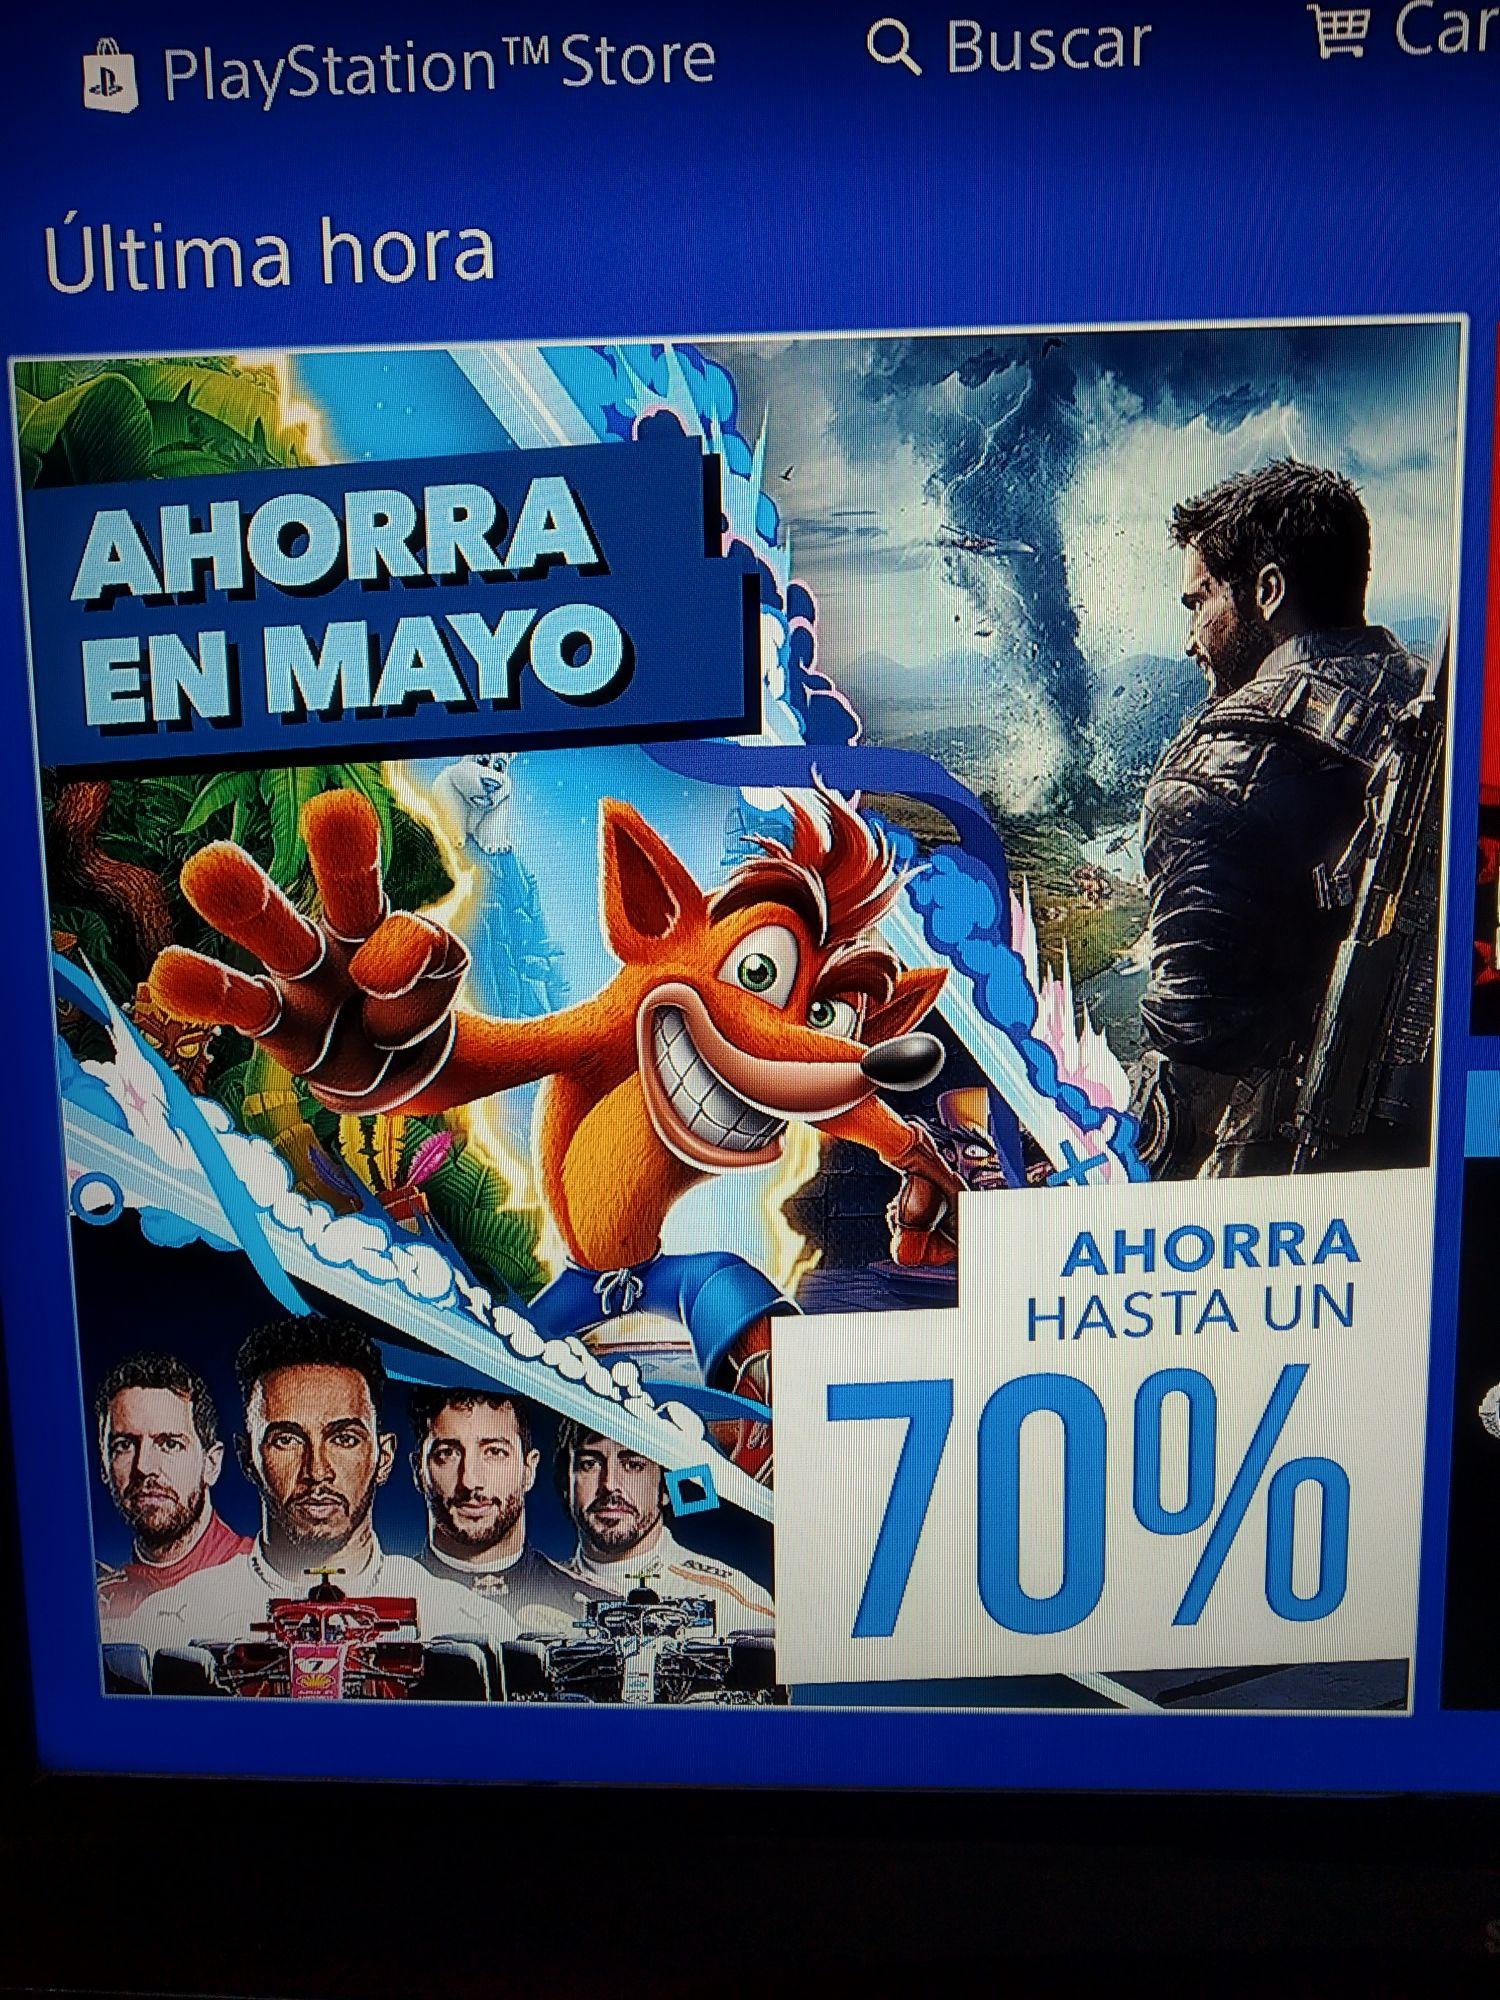 Ahorra en Mayo con PlayStation®4 Store